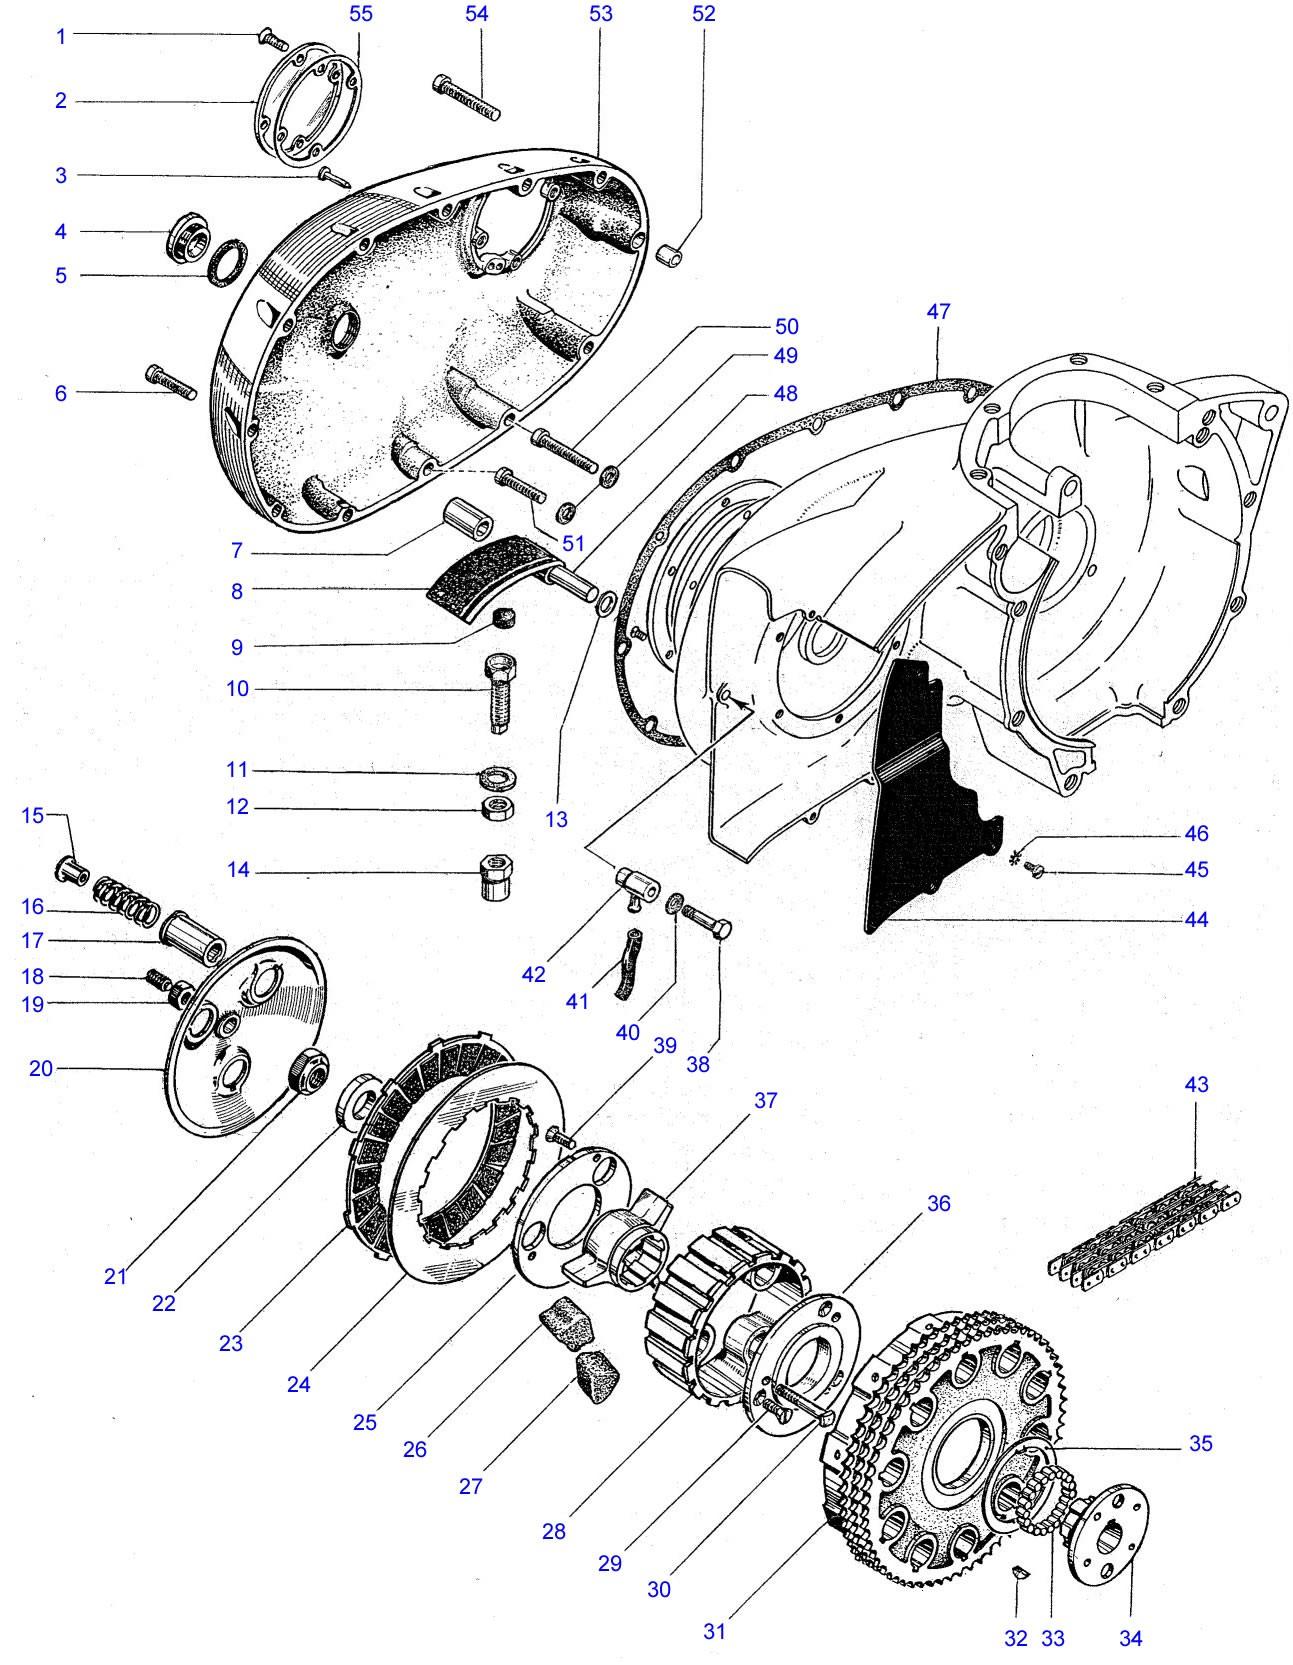 wiring diagram bsa a65l wiring diagrams hubs Bsa A10 Wiring Diagram 69 bsa wiring diagram wiring diagram bsa a65d wiring diagram 69 bsa a65 manual e bookswiring